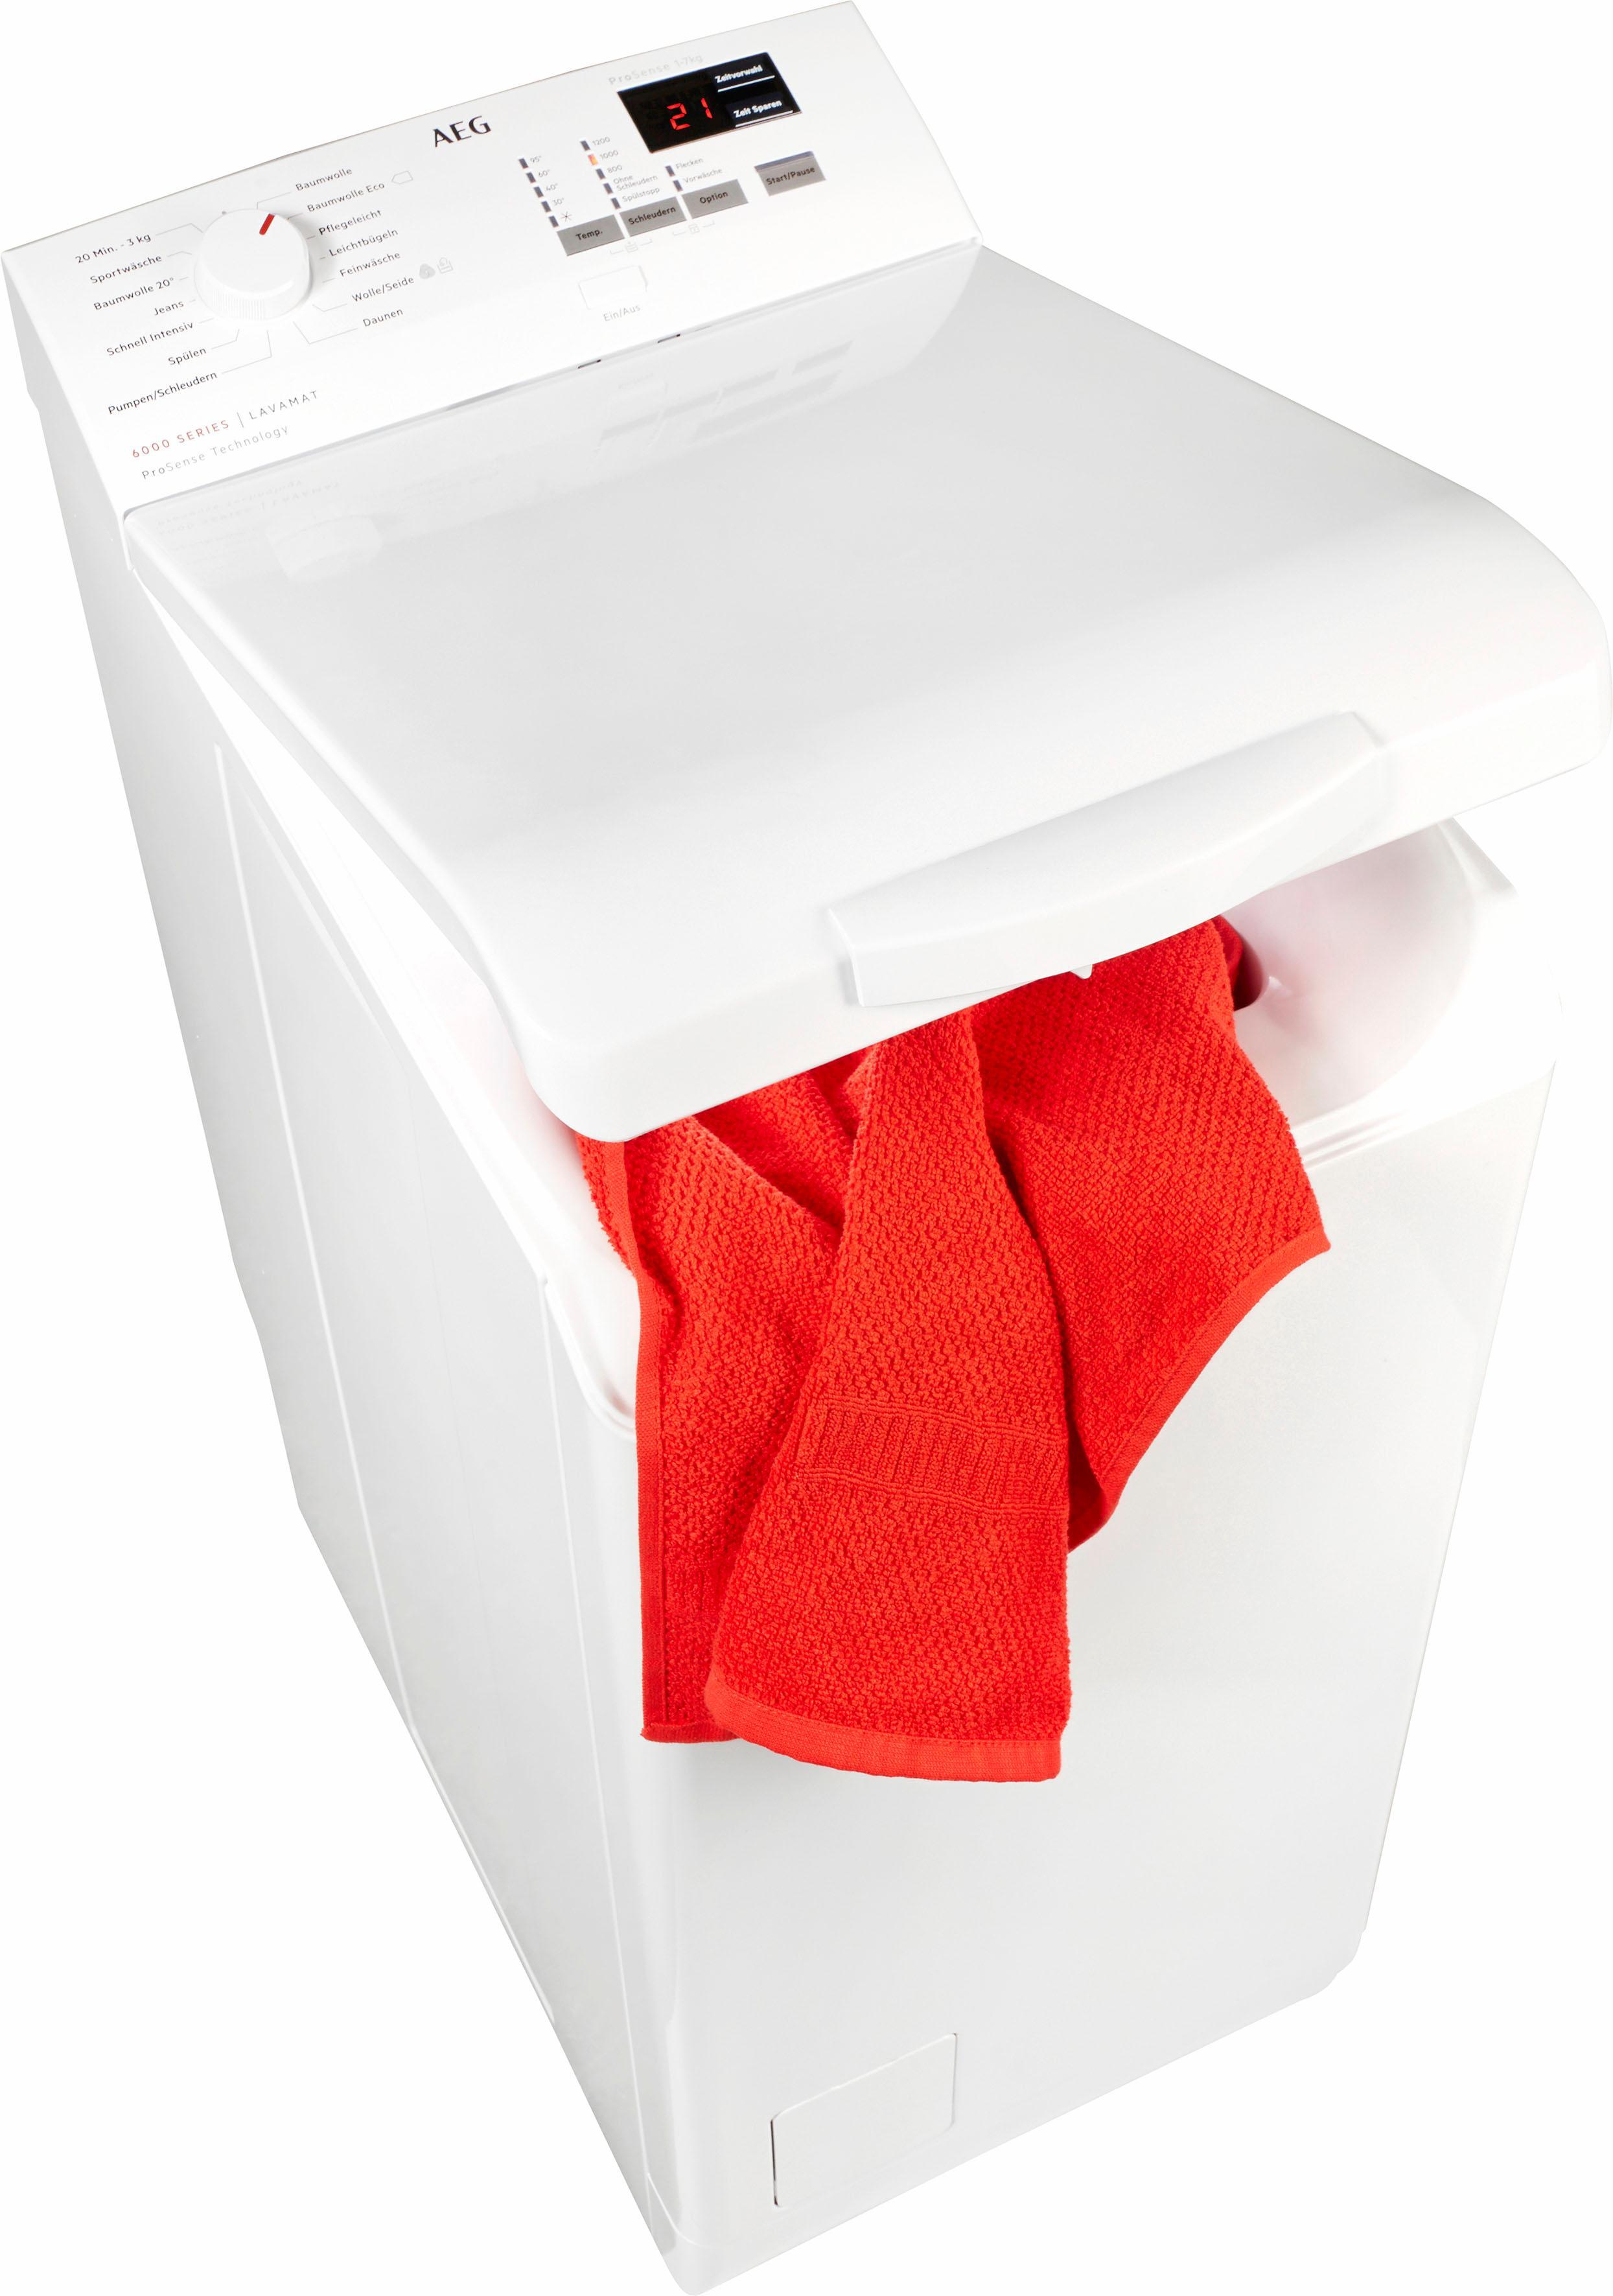 AEG Waschmaschine Toplader 6000 L6TB41270 | Bad > Waschmaschinen und Trockner > Toplader | Weiß | AEG